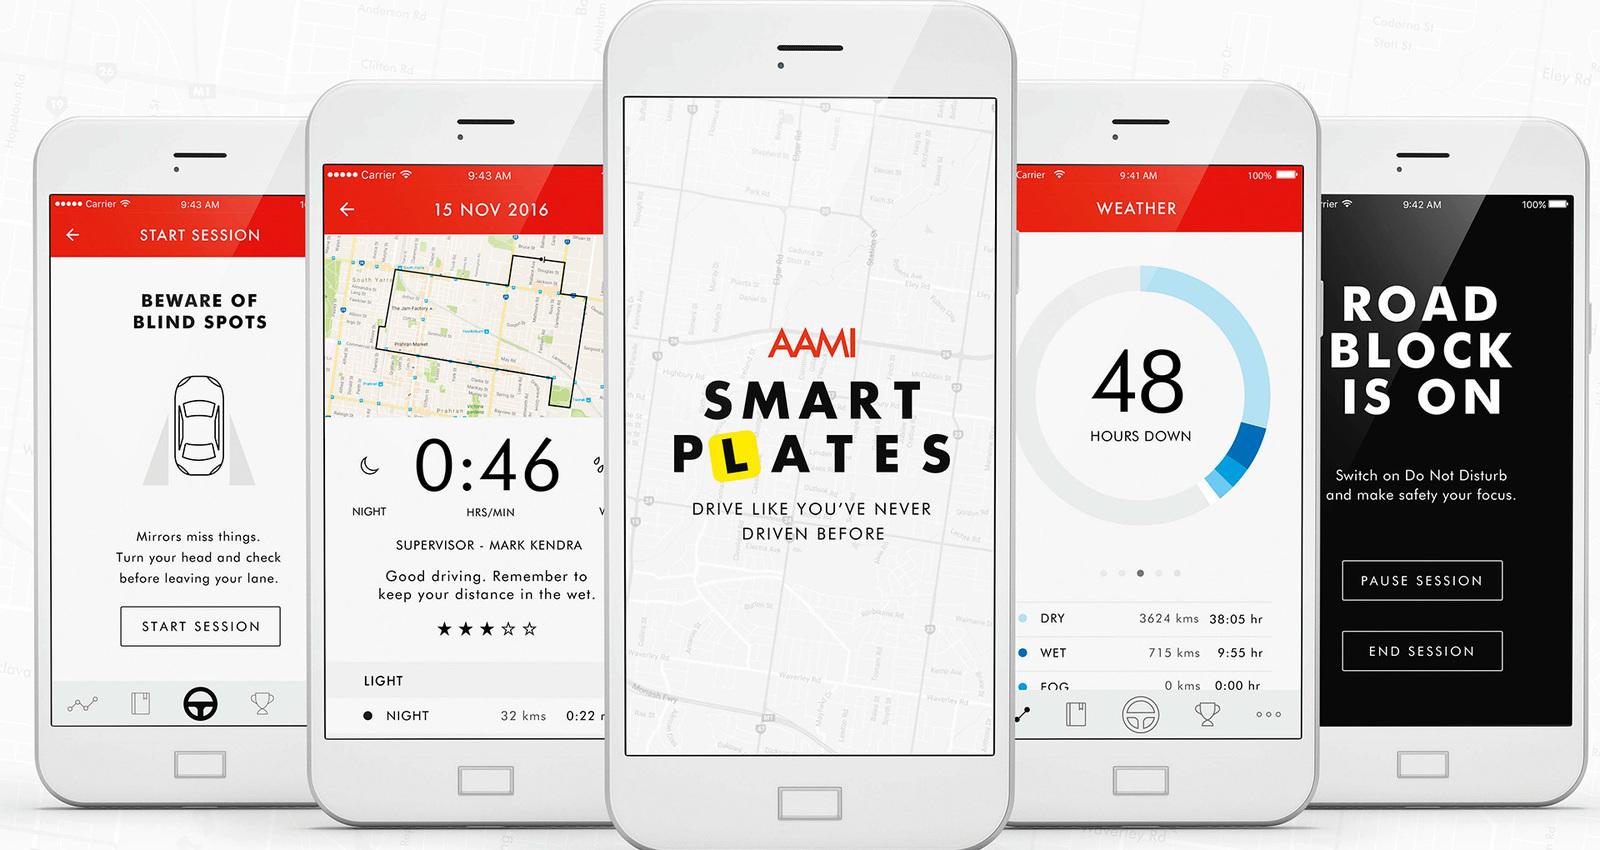 AAMI SmartPlates